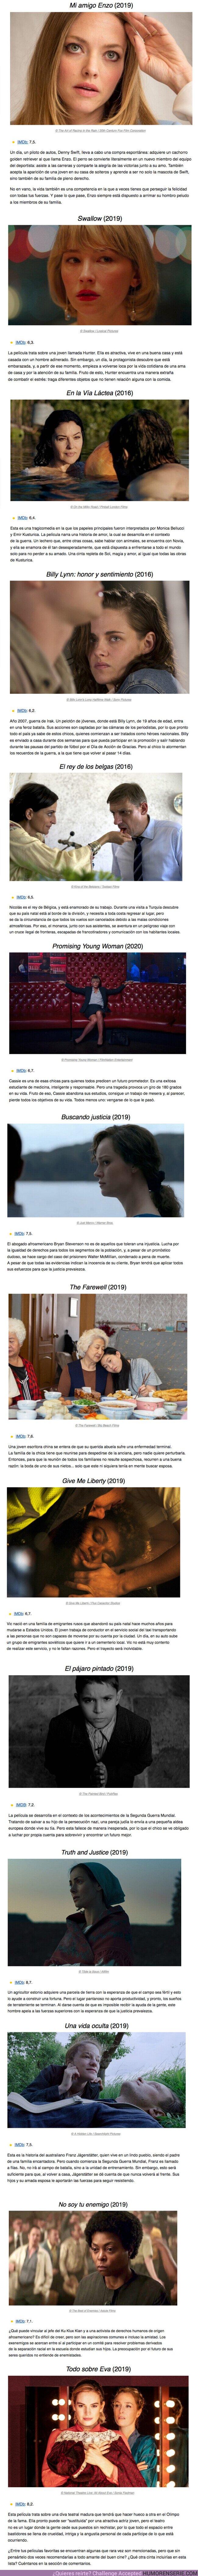 50883 - GALERÍA: 14 películas que te harán llorar aunque creas que tienes un corazón de piedra